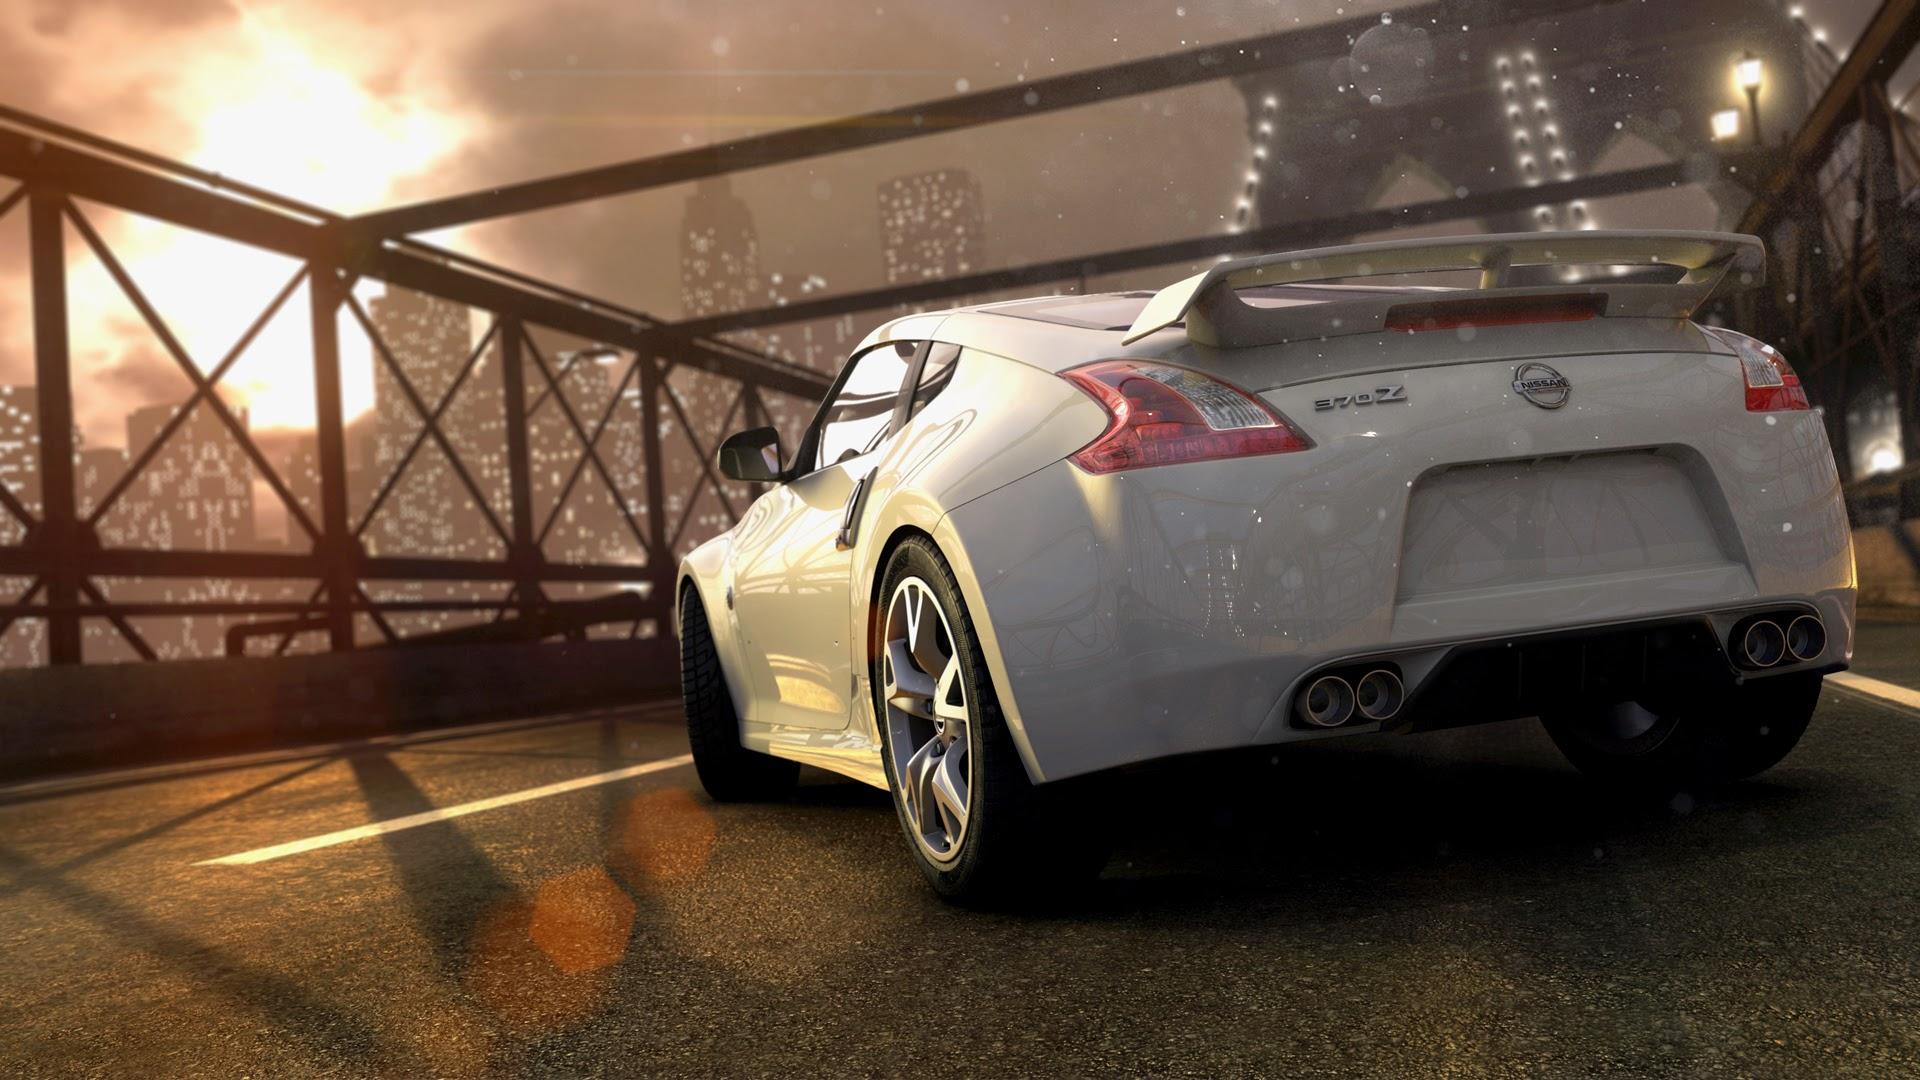 《飆酷車神展開 PS4、Xbox One 限時公測活動